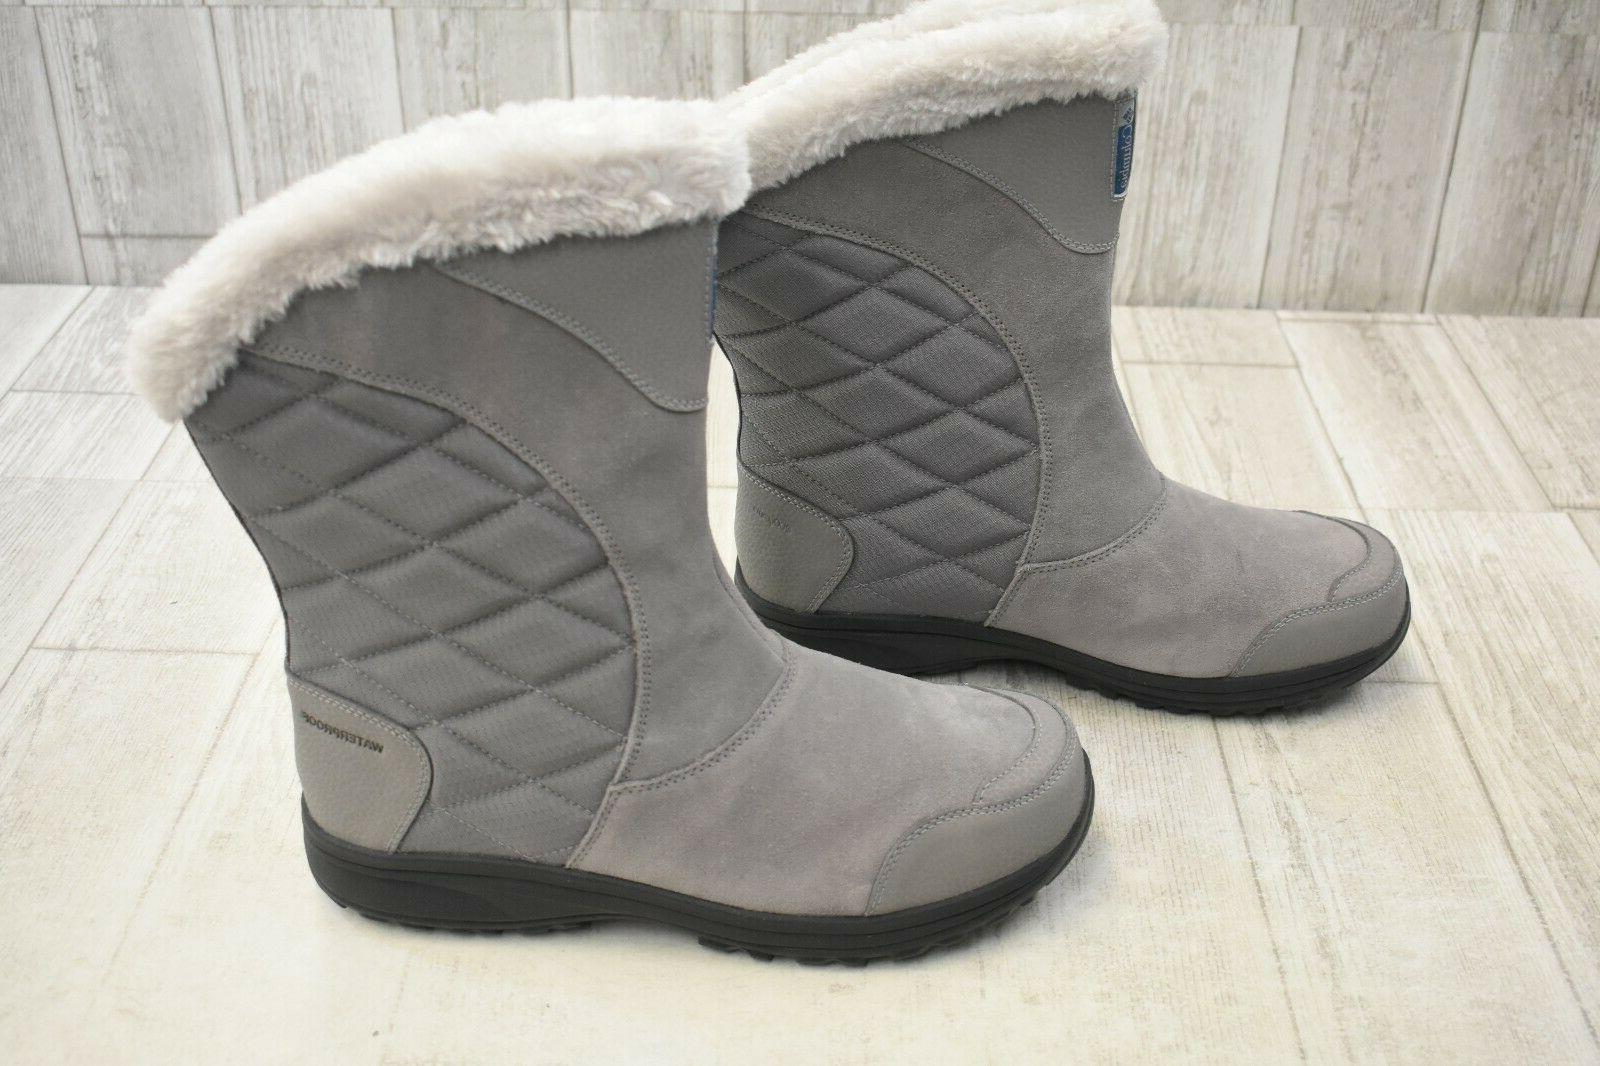 Slip WP Boots - 11 - Light